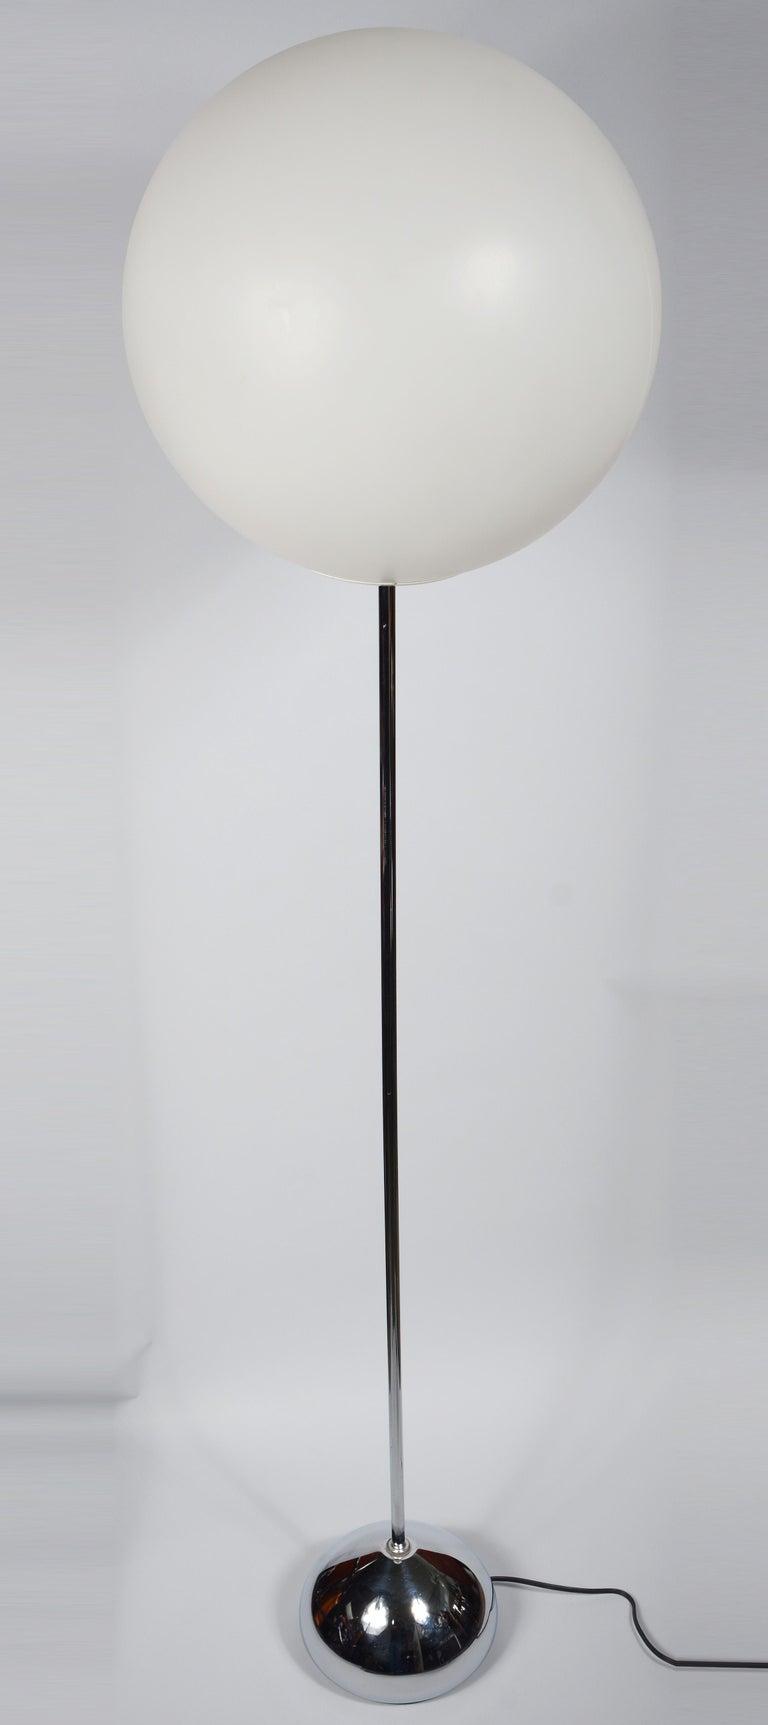 Mid-20th Century Robert Sonneman Globe Floor Lamp